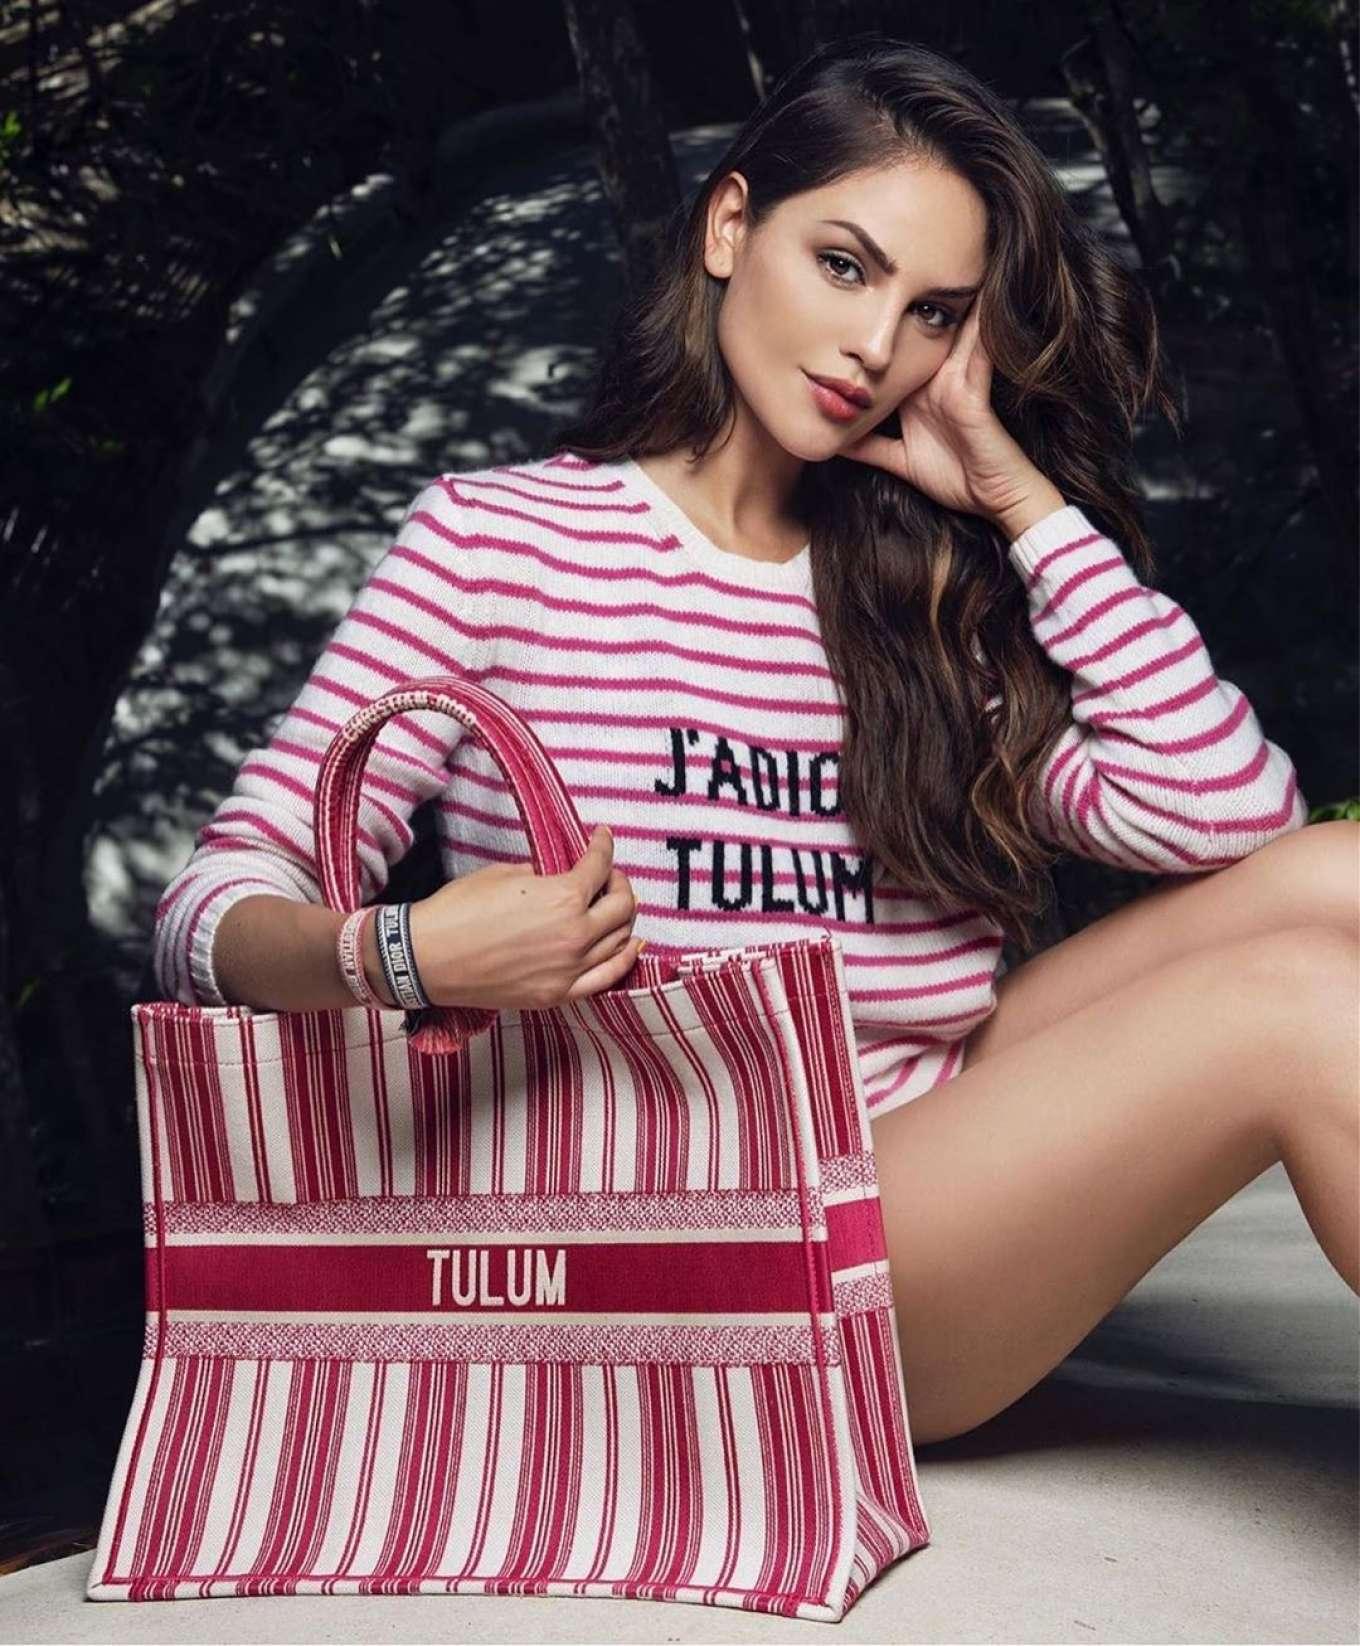 Eiza Gonzalez by Ivan Aguirre Shoot for Dior Tulum (December 2019)